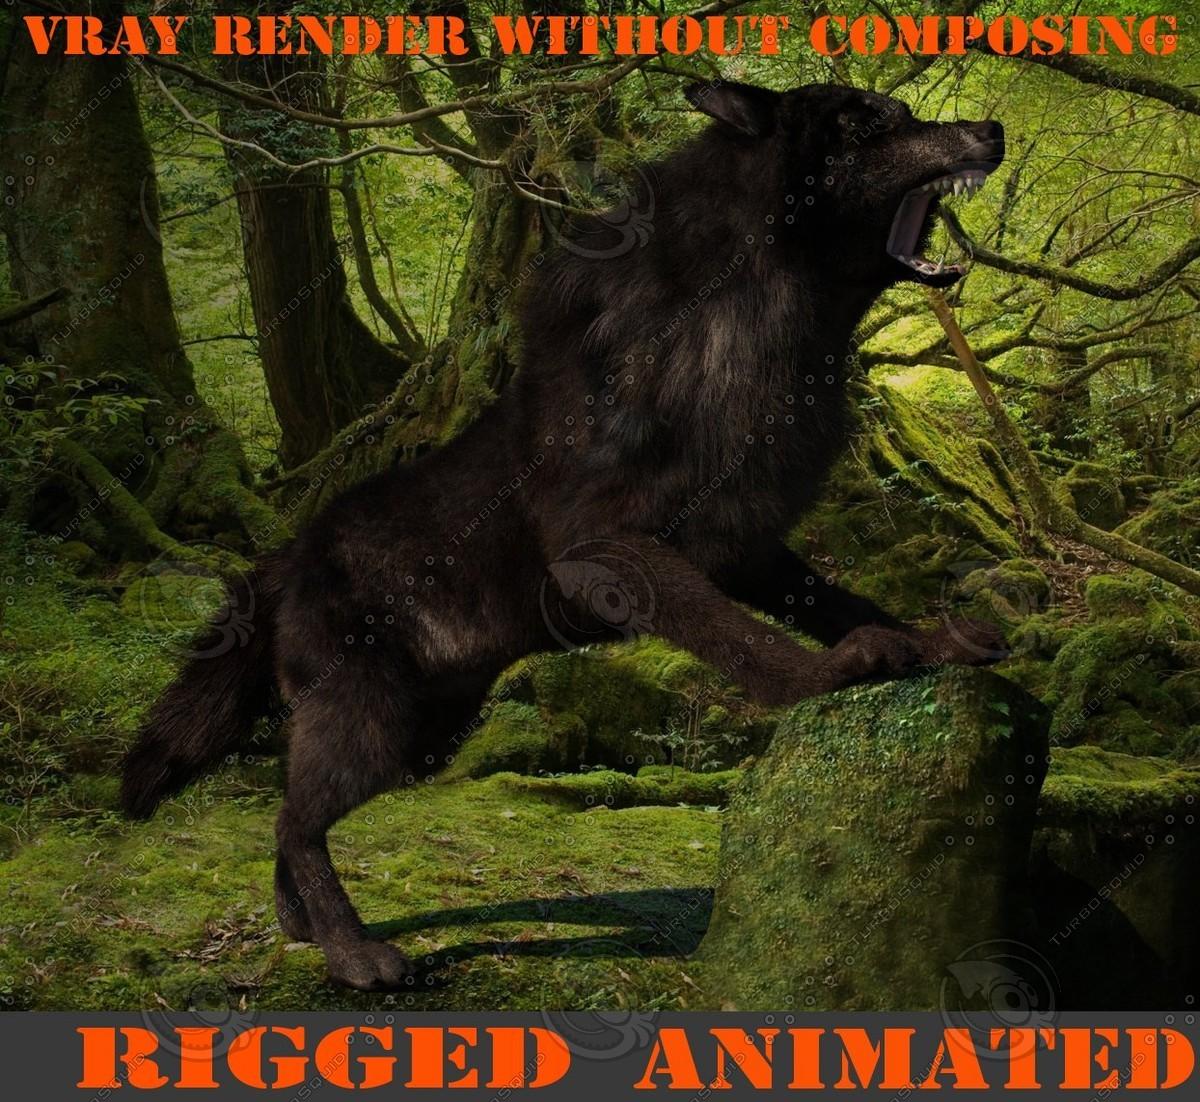 rigged_animated_o_jpge42a2be4-92cc-4ce1-9bfe-8d976df9f7f3HD.jpg